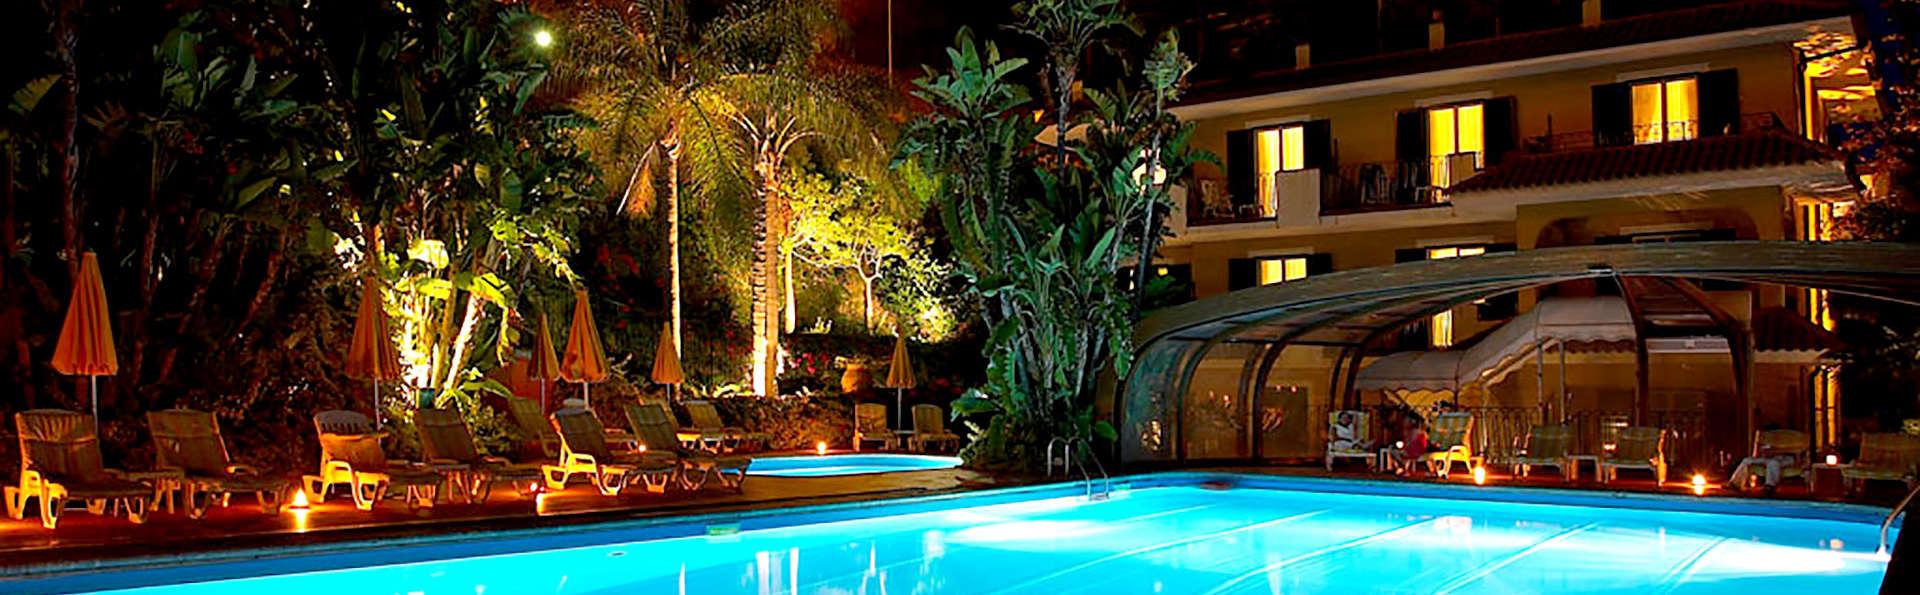 Hotel Caparena - Edit_Pool.jpg